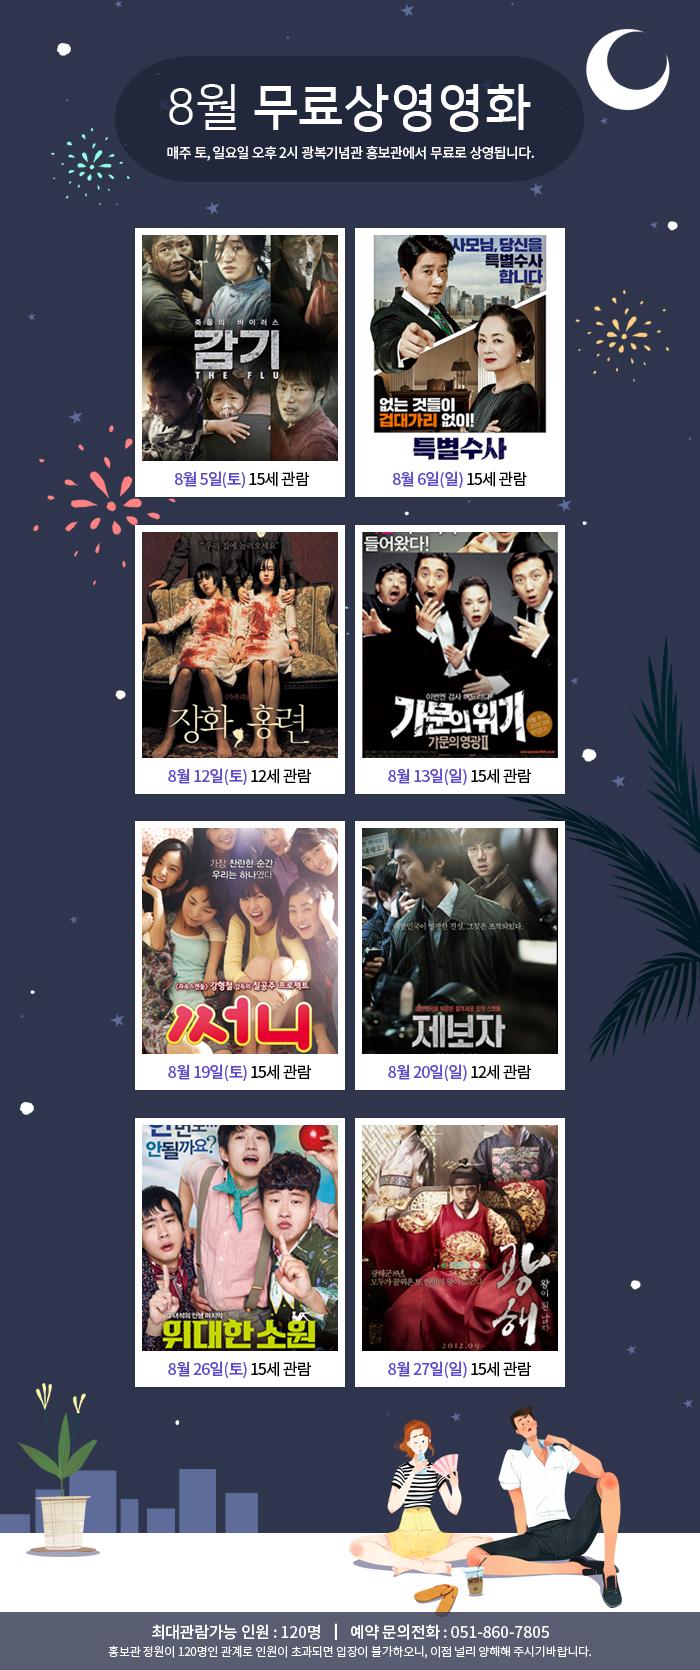 광복기념관 무료영화상영 안내(2017년 8월) 이미지1번째